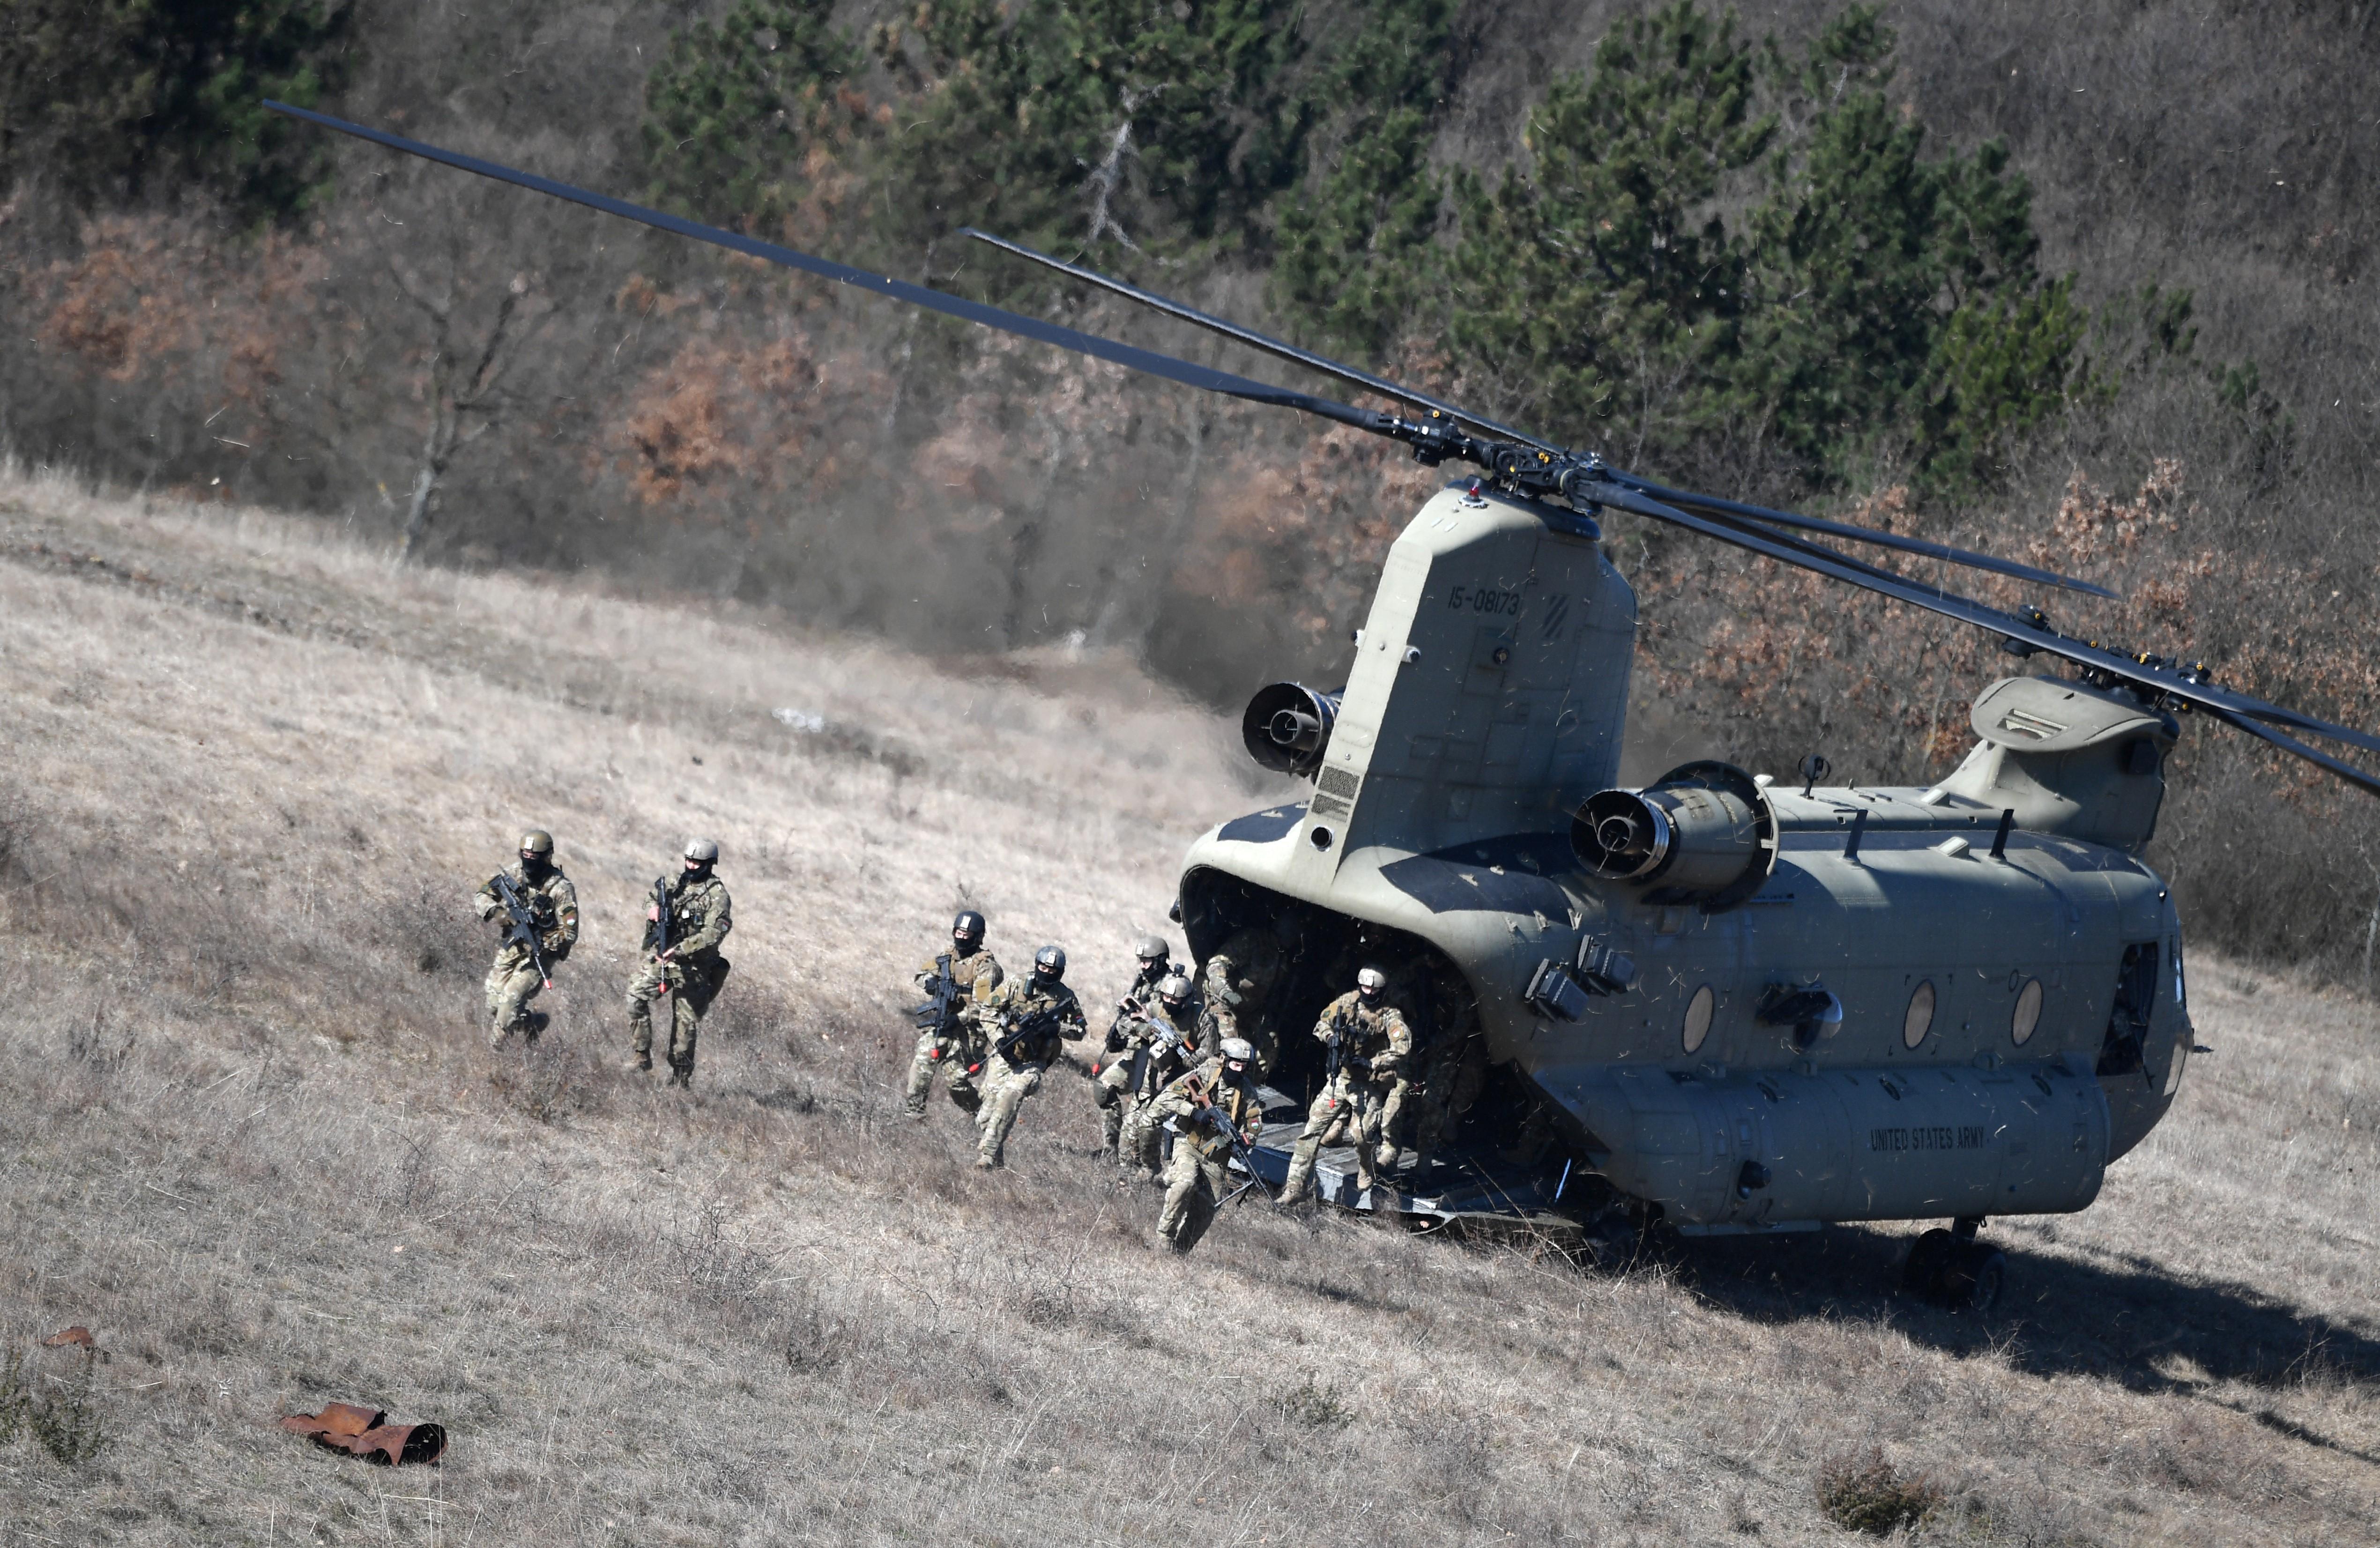 Három katona meghalt, amikor lezuhant egy helikopter New York államban